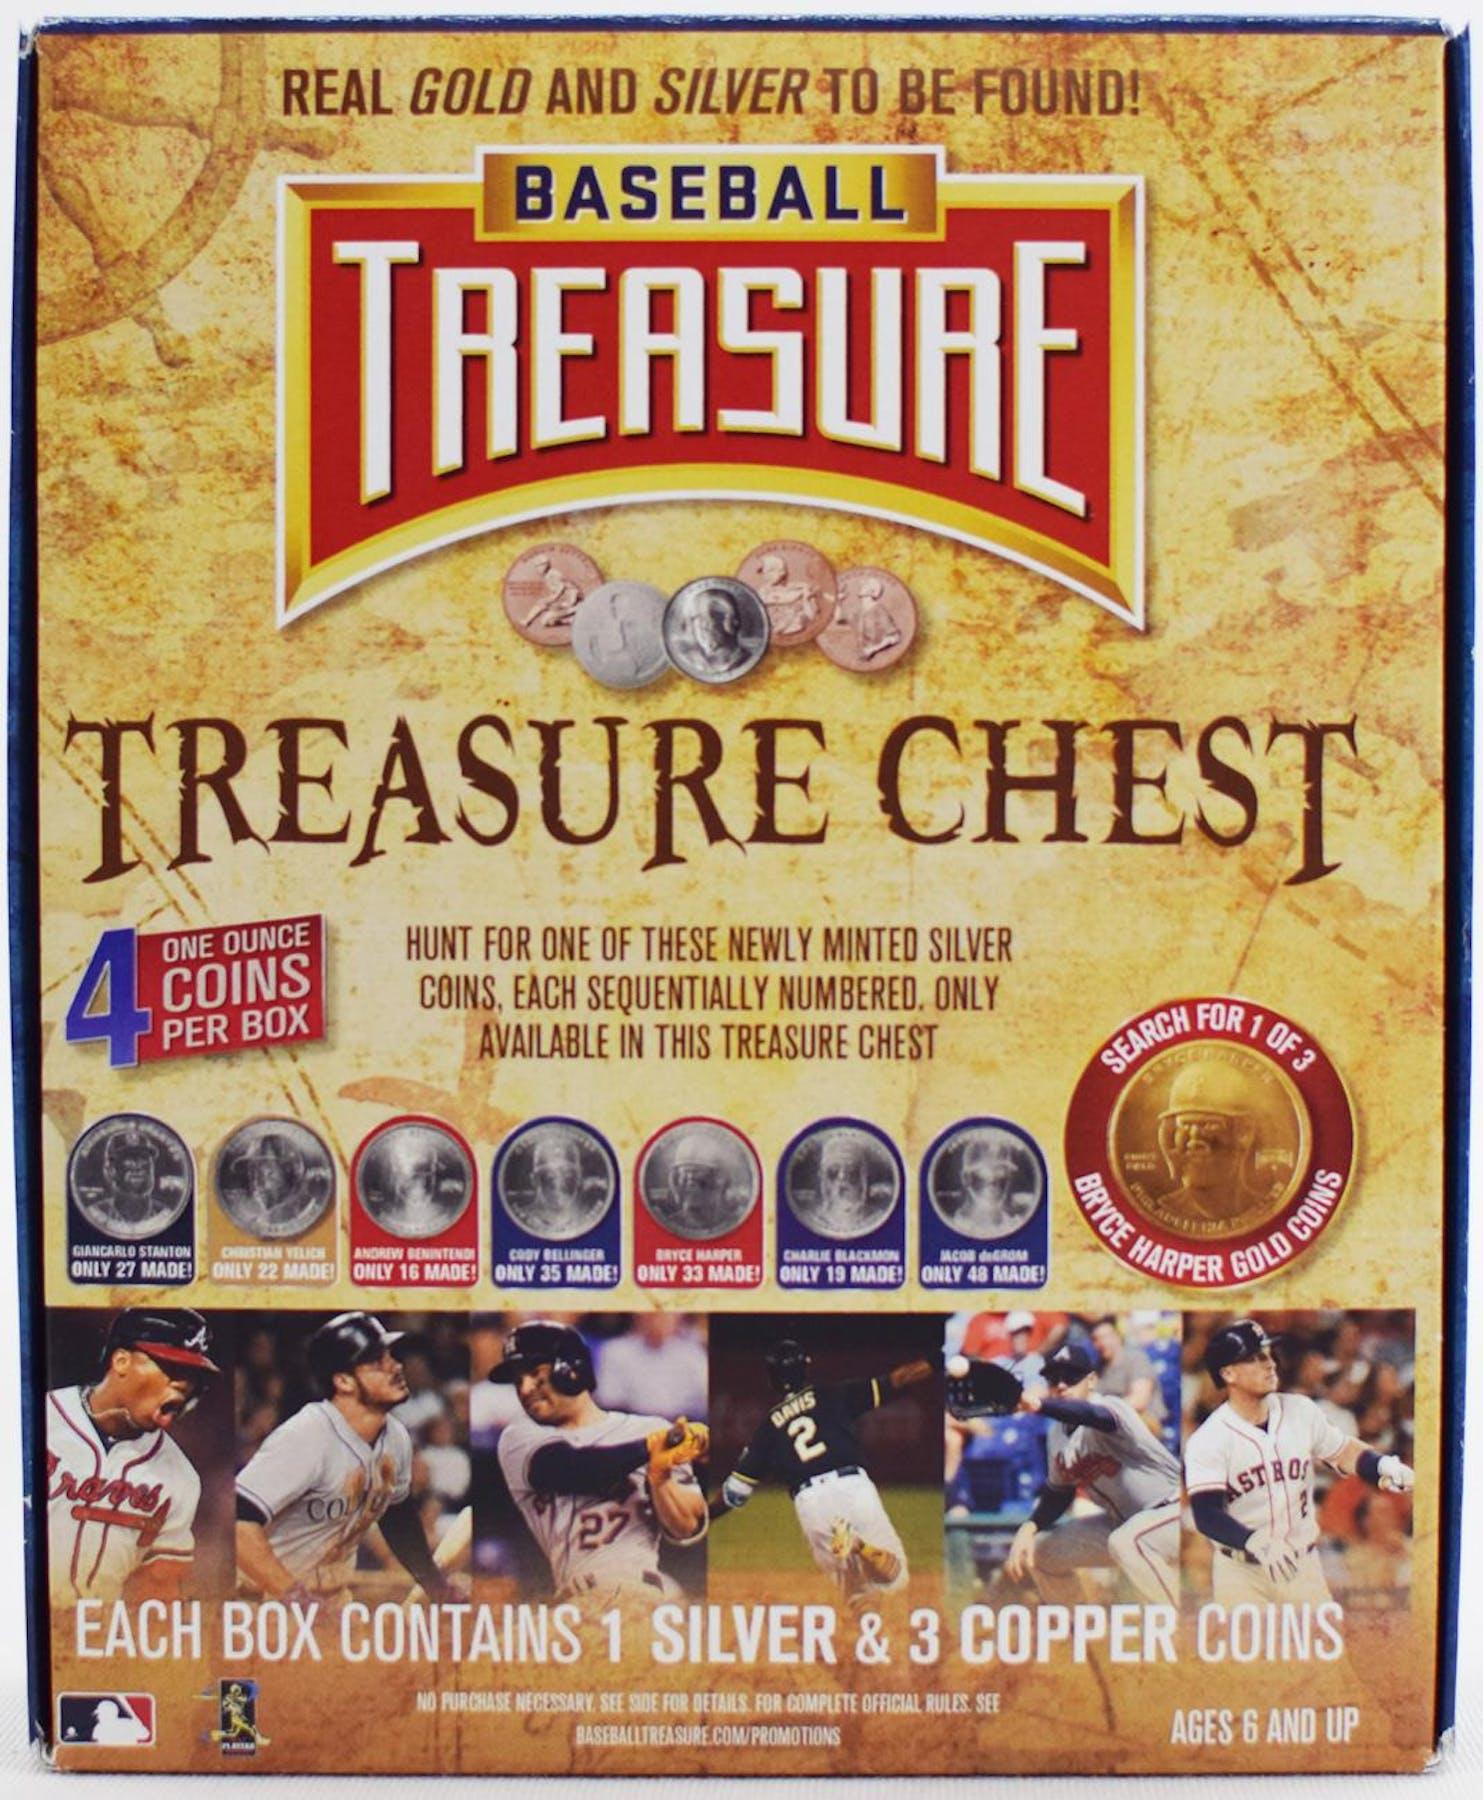 2019 Baseball Treasure Chest Hobby Box Da Card World